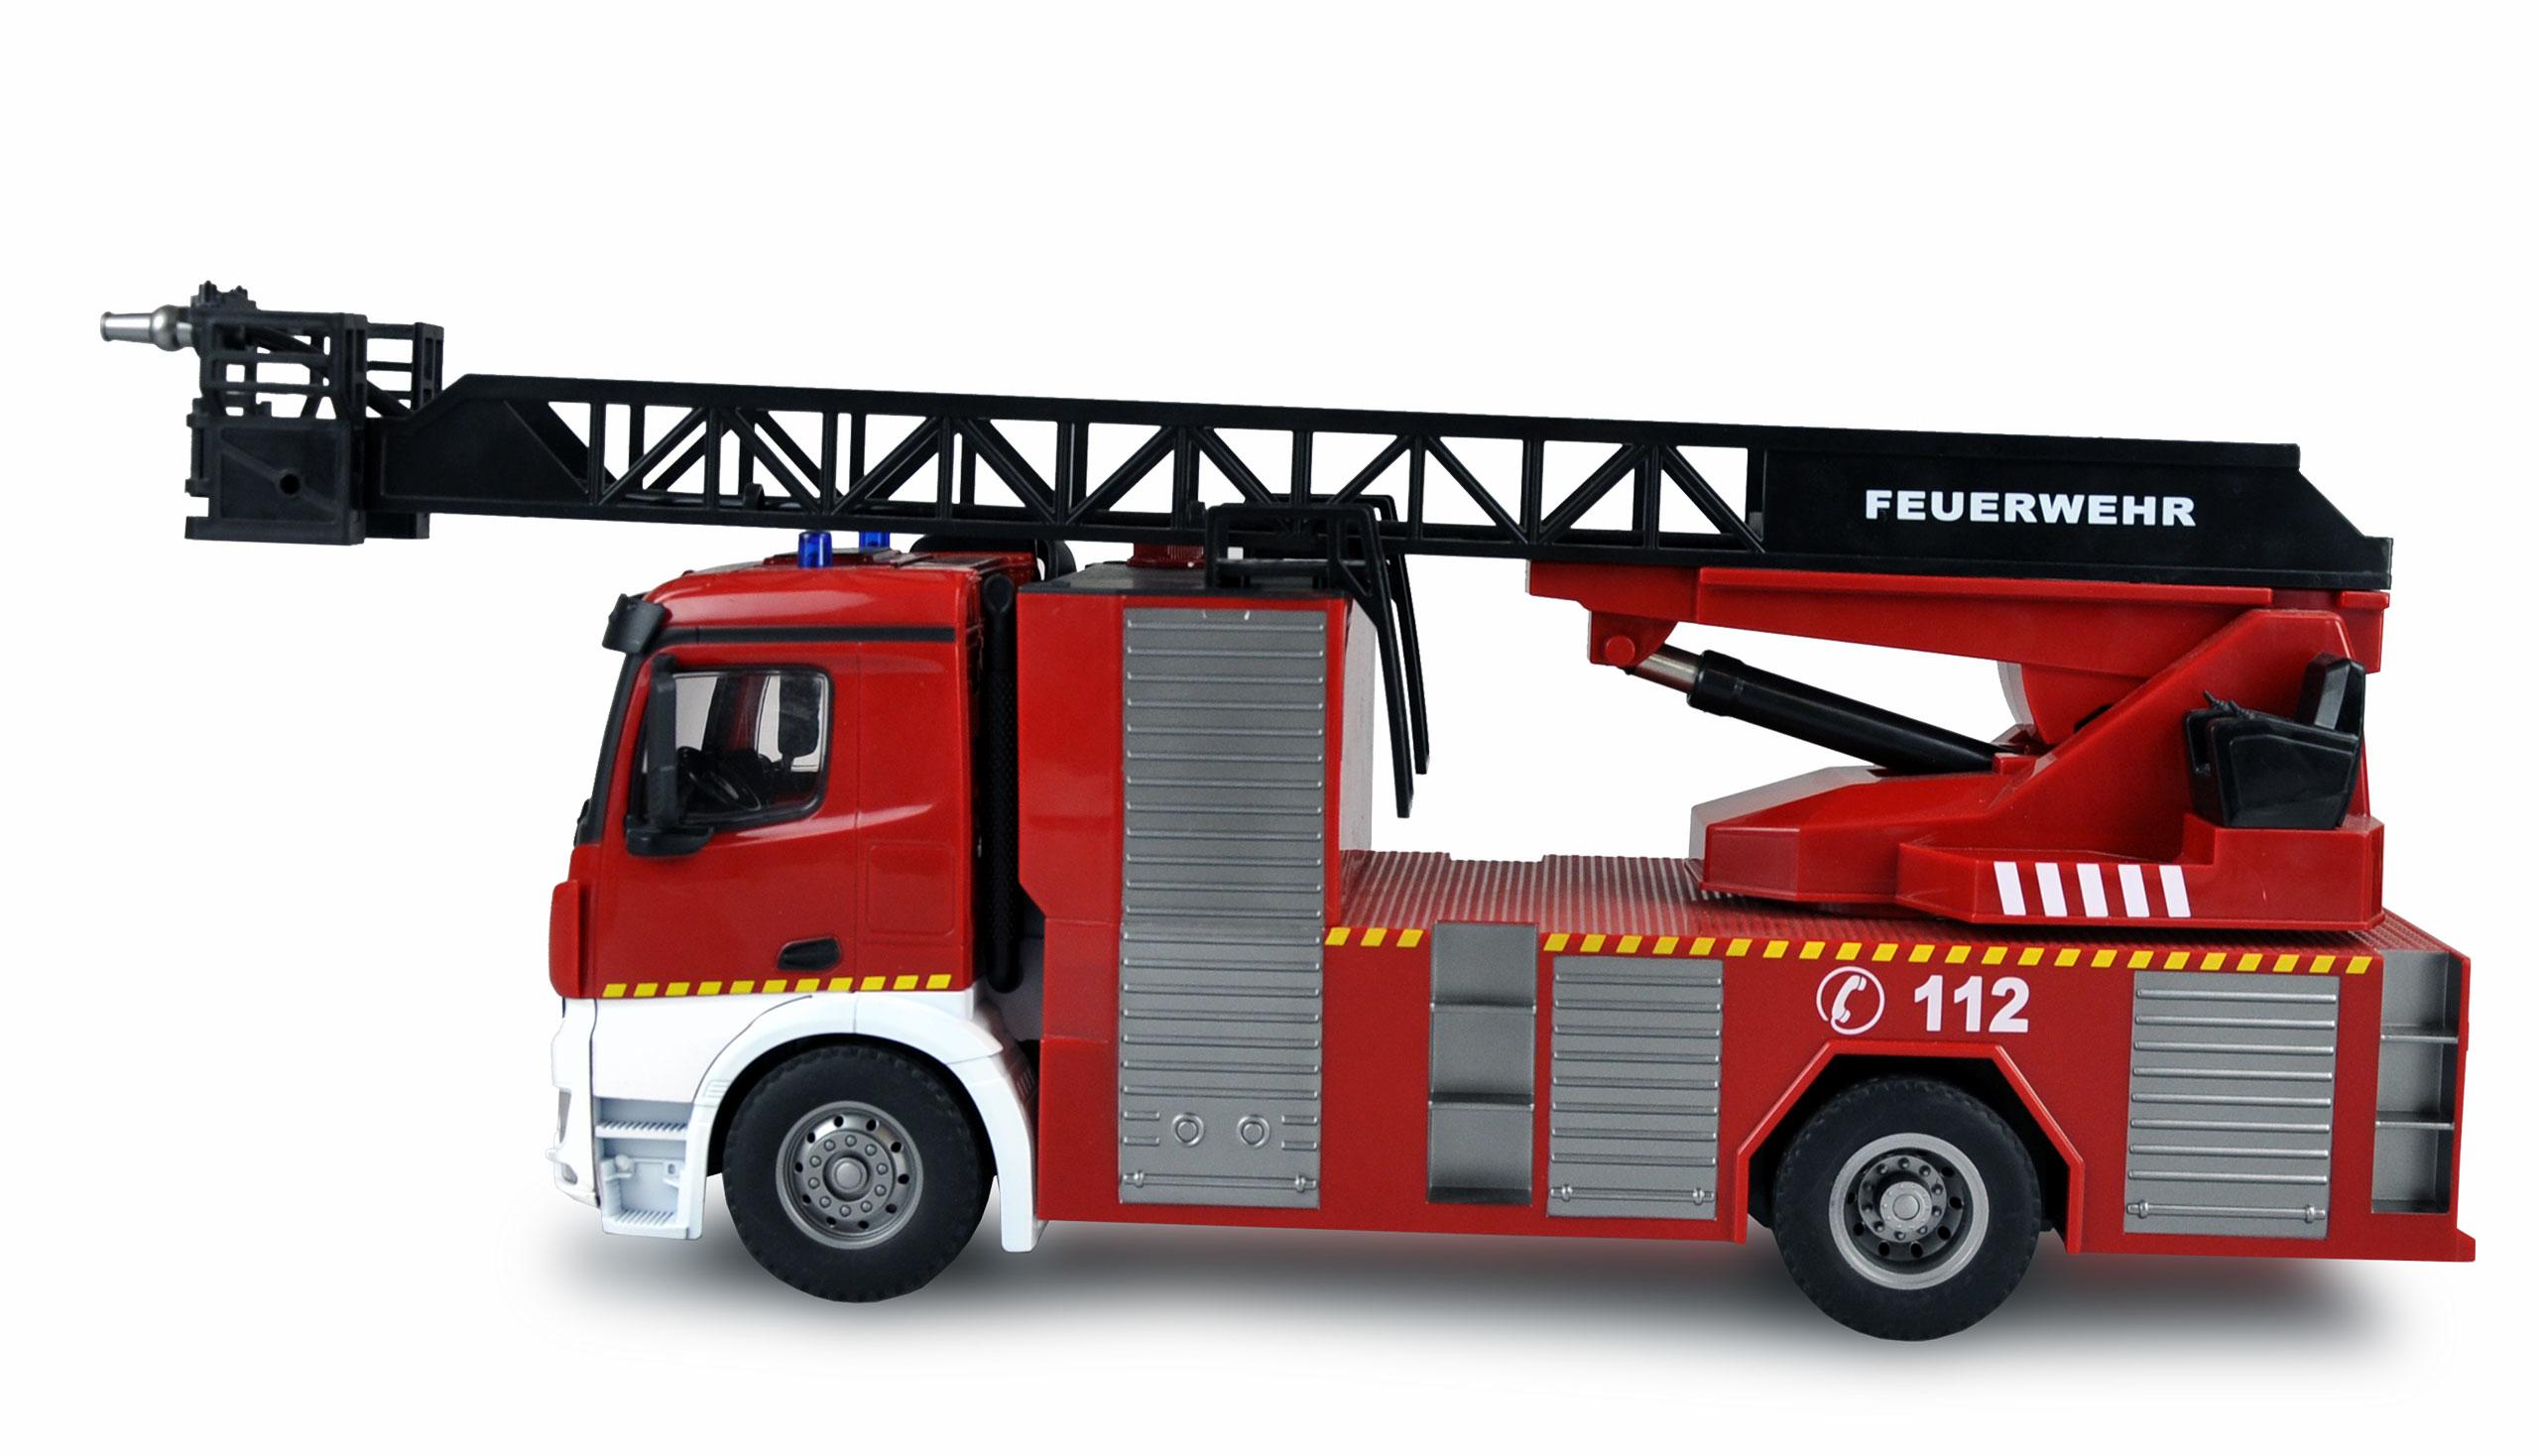 Amewi 22502 - Feuerwehrwagen - 1:14 - Junge/Mädchen - 8 Jahr(e) - 1200 mAh - 2,46 kg